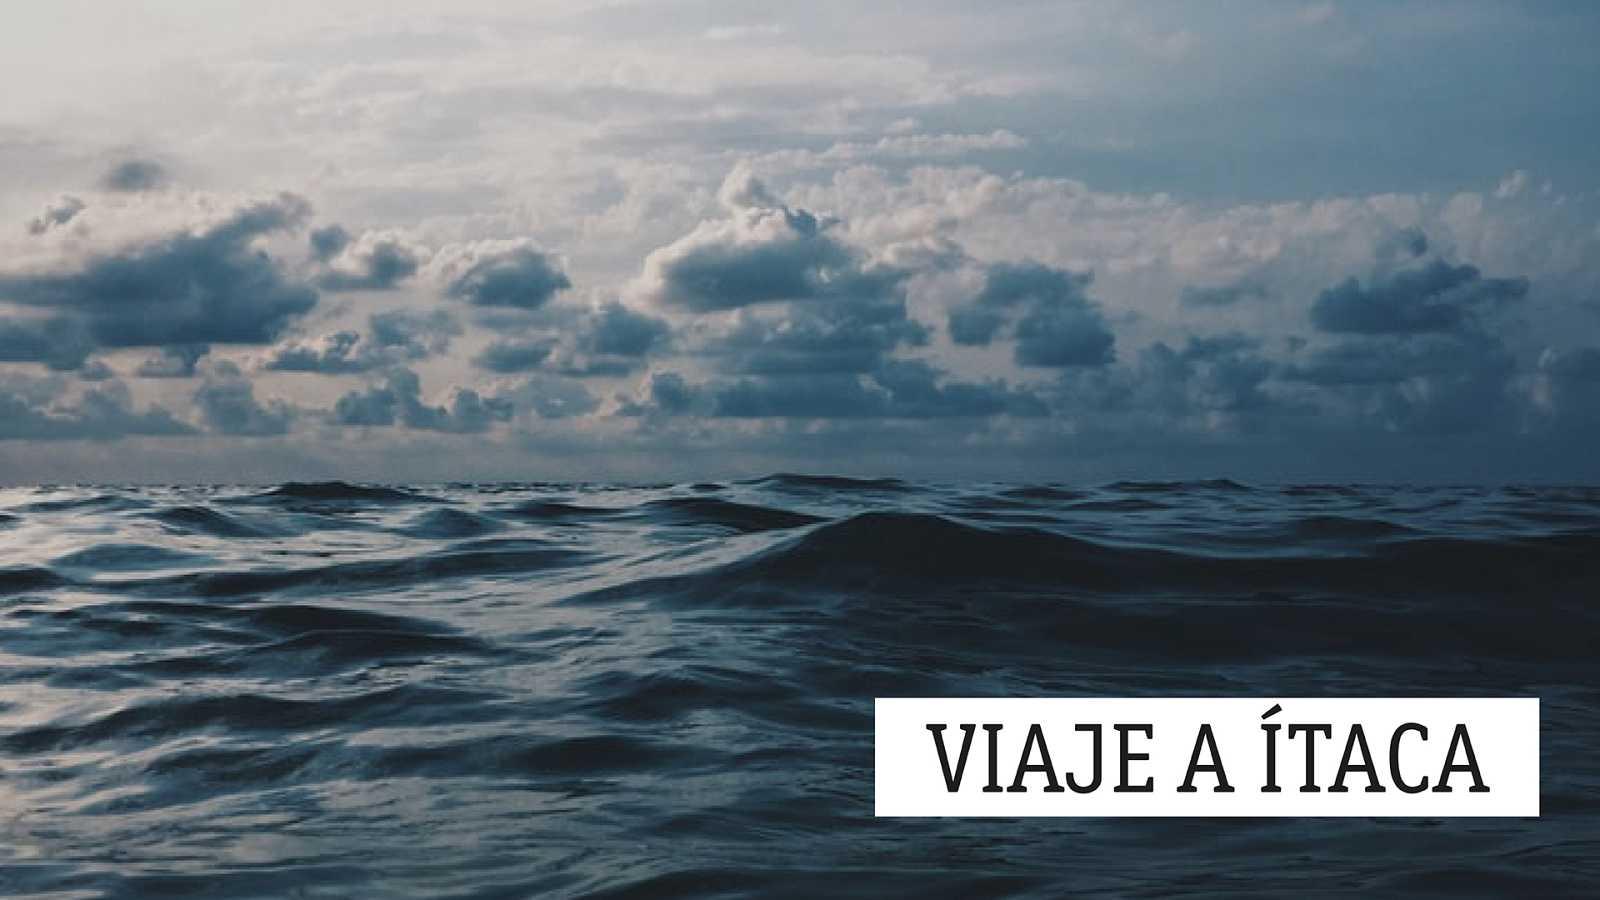 Viaje a Ítaca - Un arcano interesante: reediciones barrocas (I) - 08/05/21 - escuchar ahora